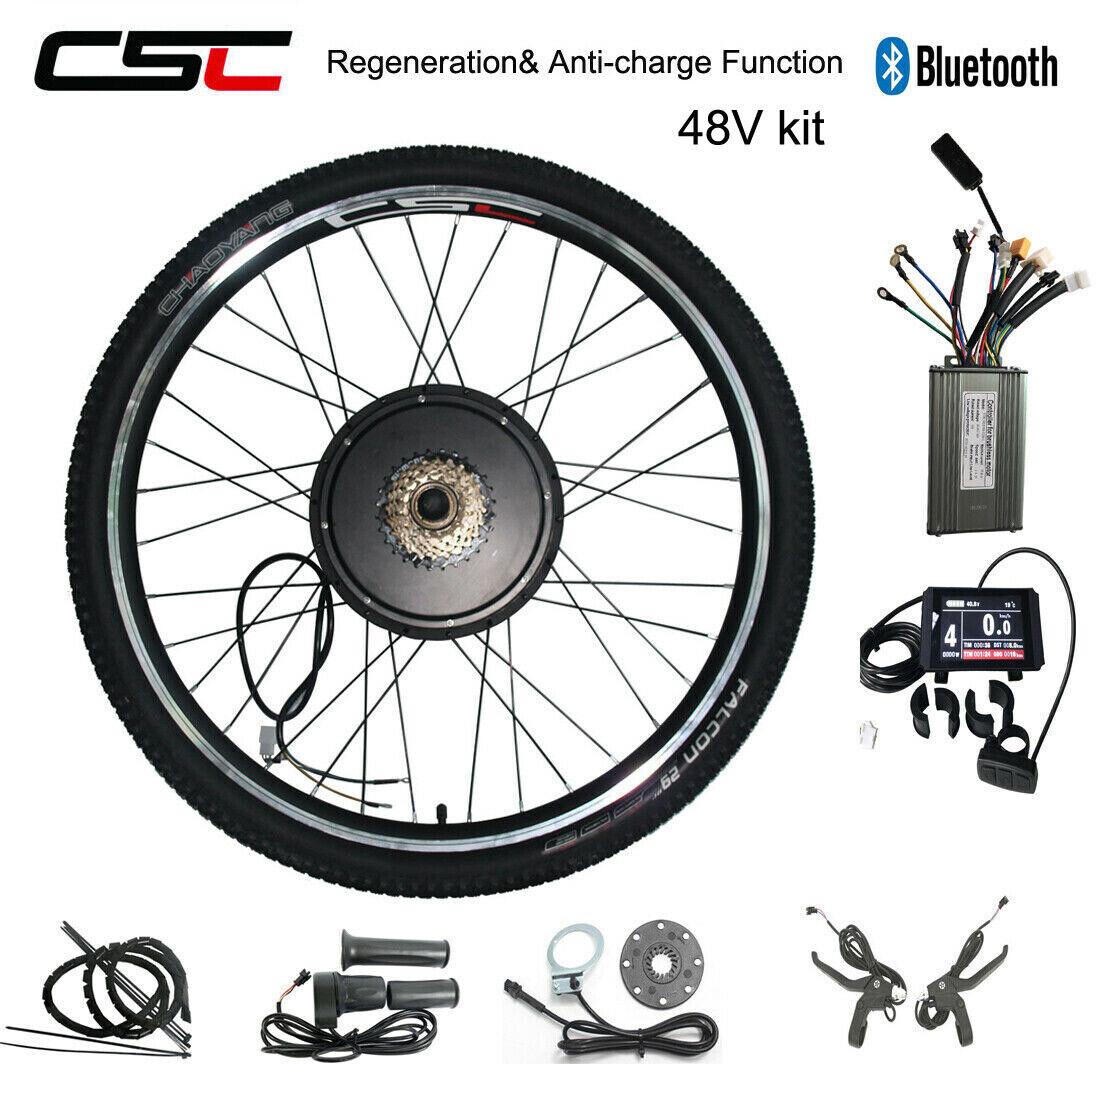 Electric Rear rueda Kit Motor 250W 350W 500W 1000W 1500W 48V Regeneration Ebike